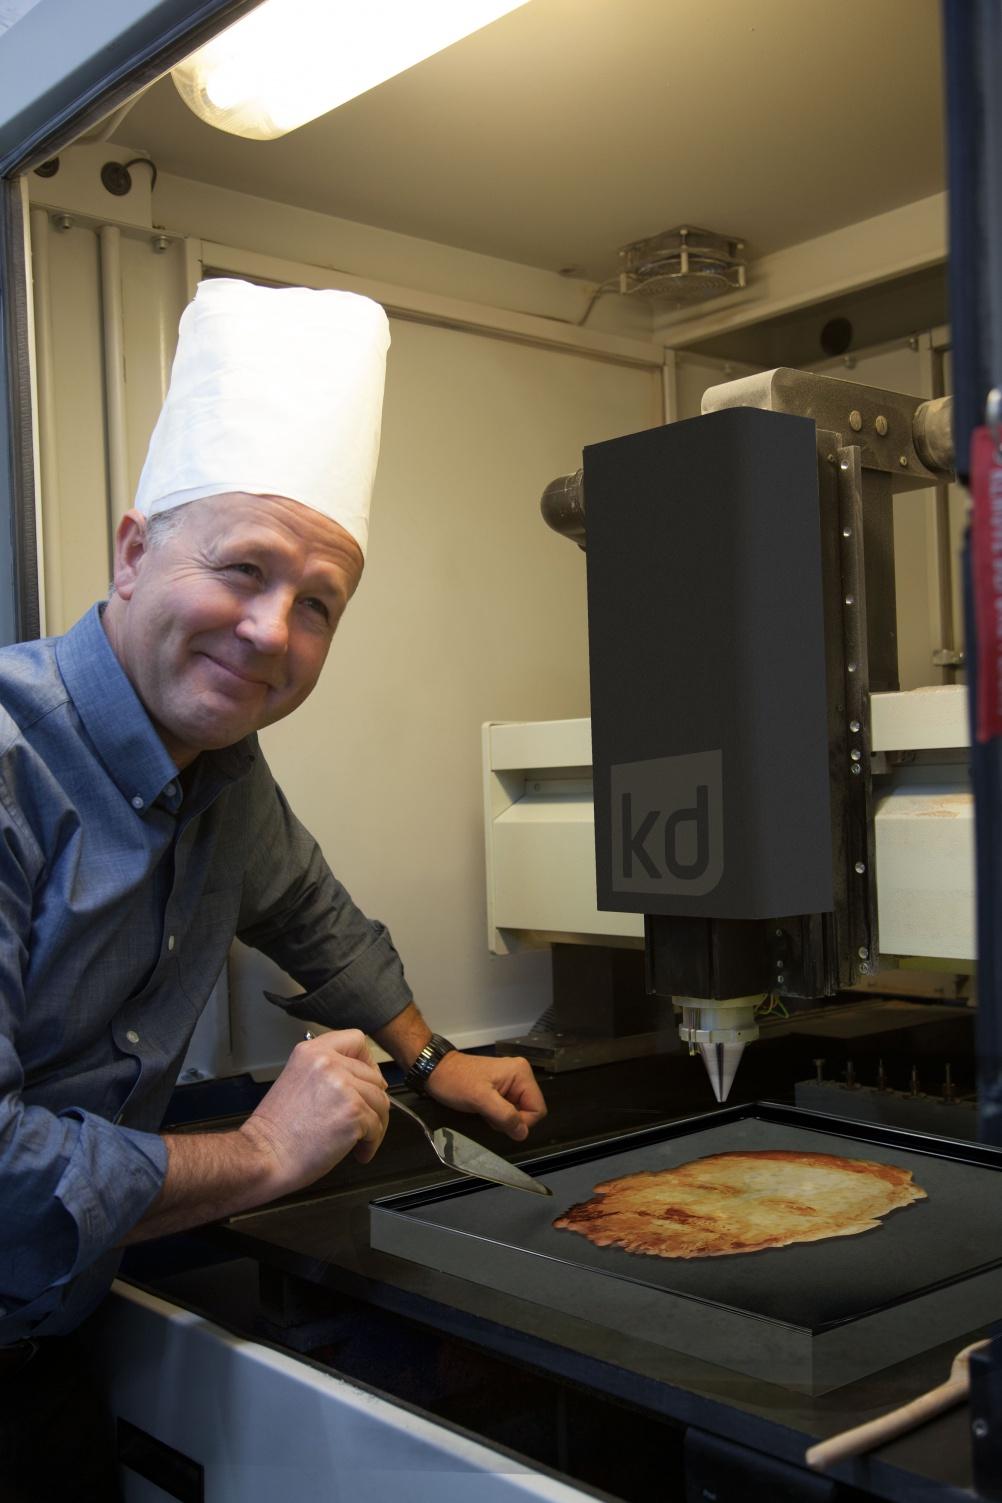 Making the pancakes